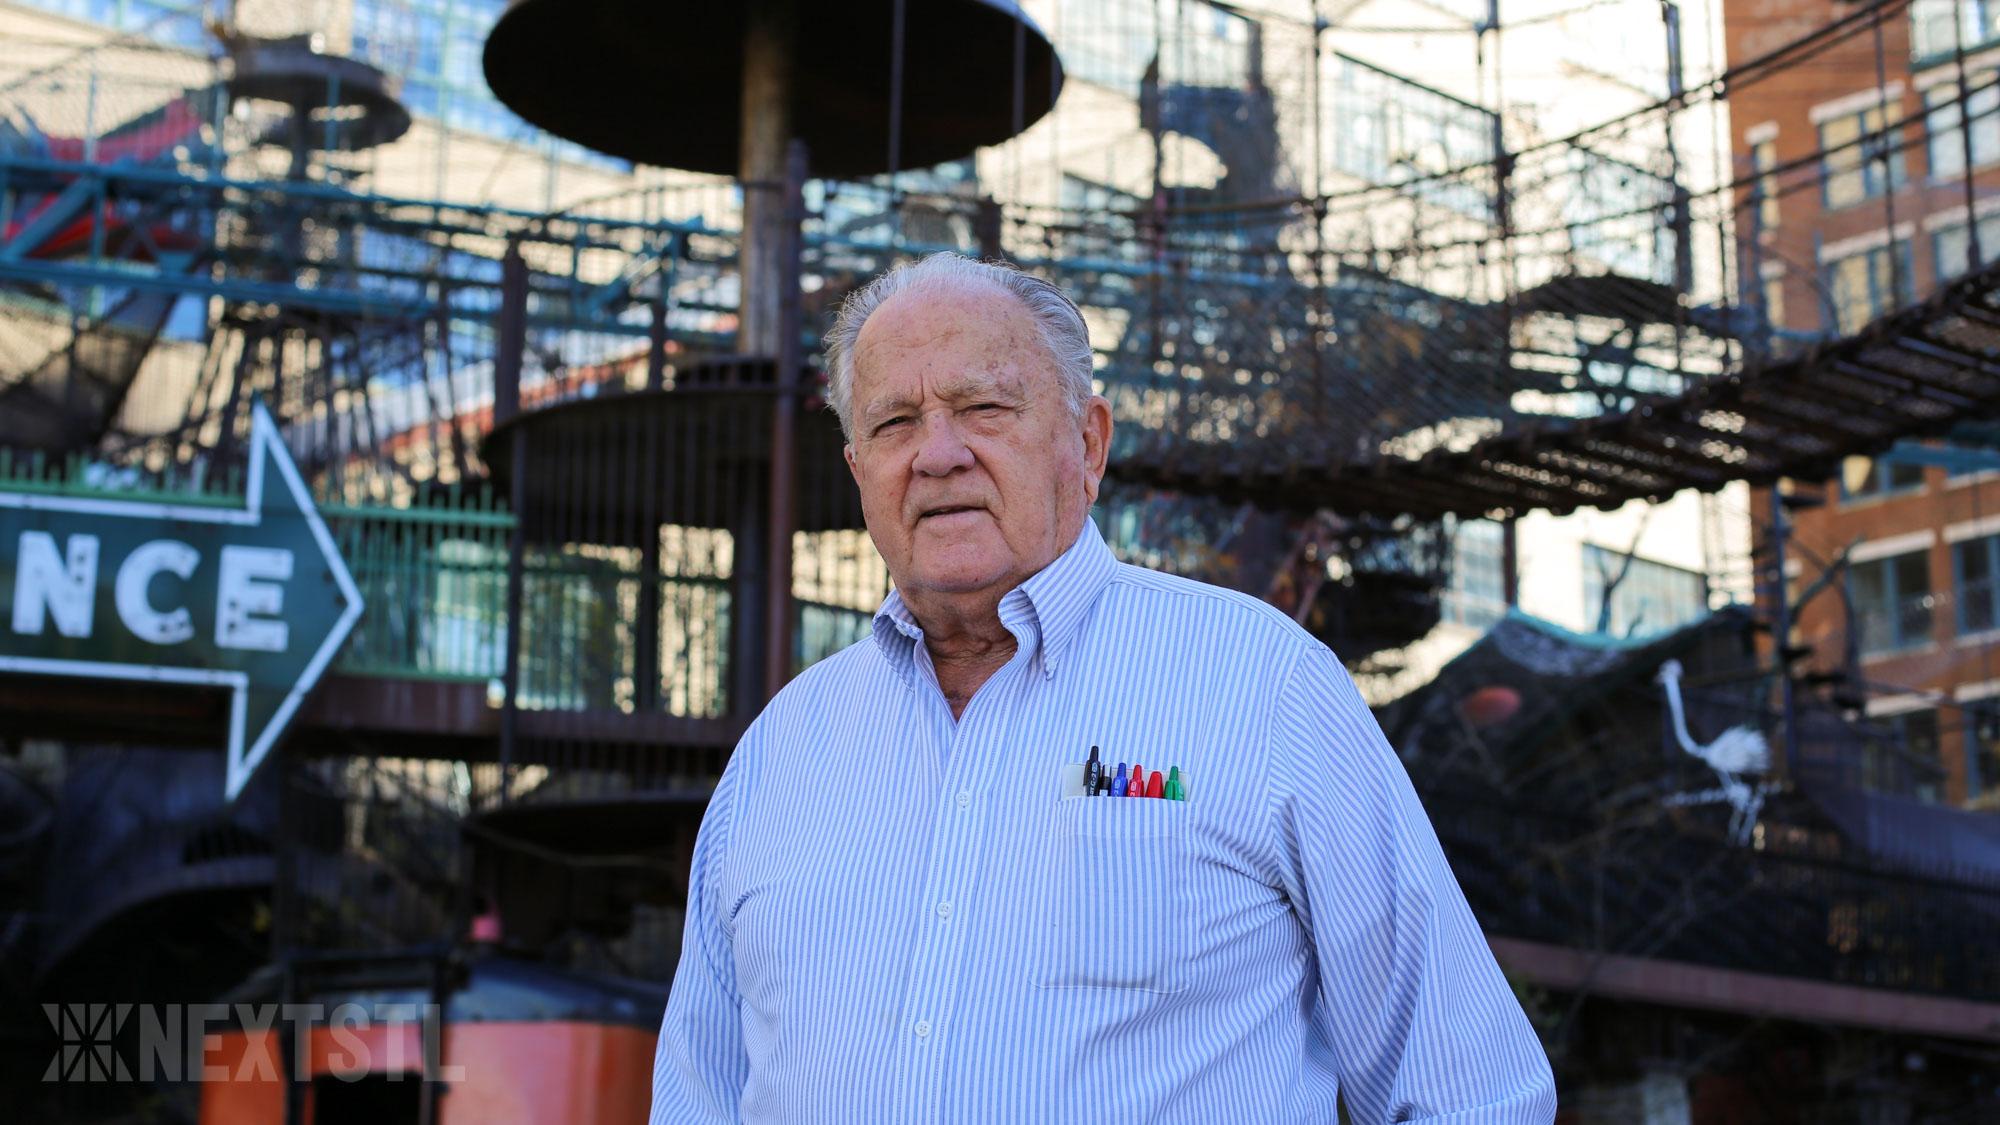 Ron Fischer: The engineer behind City Museum